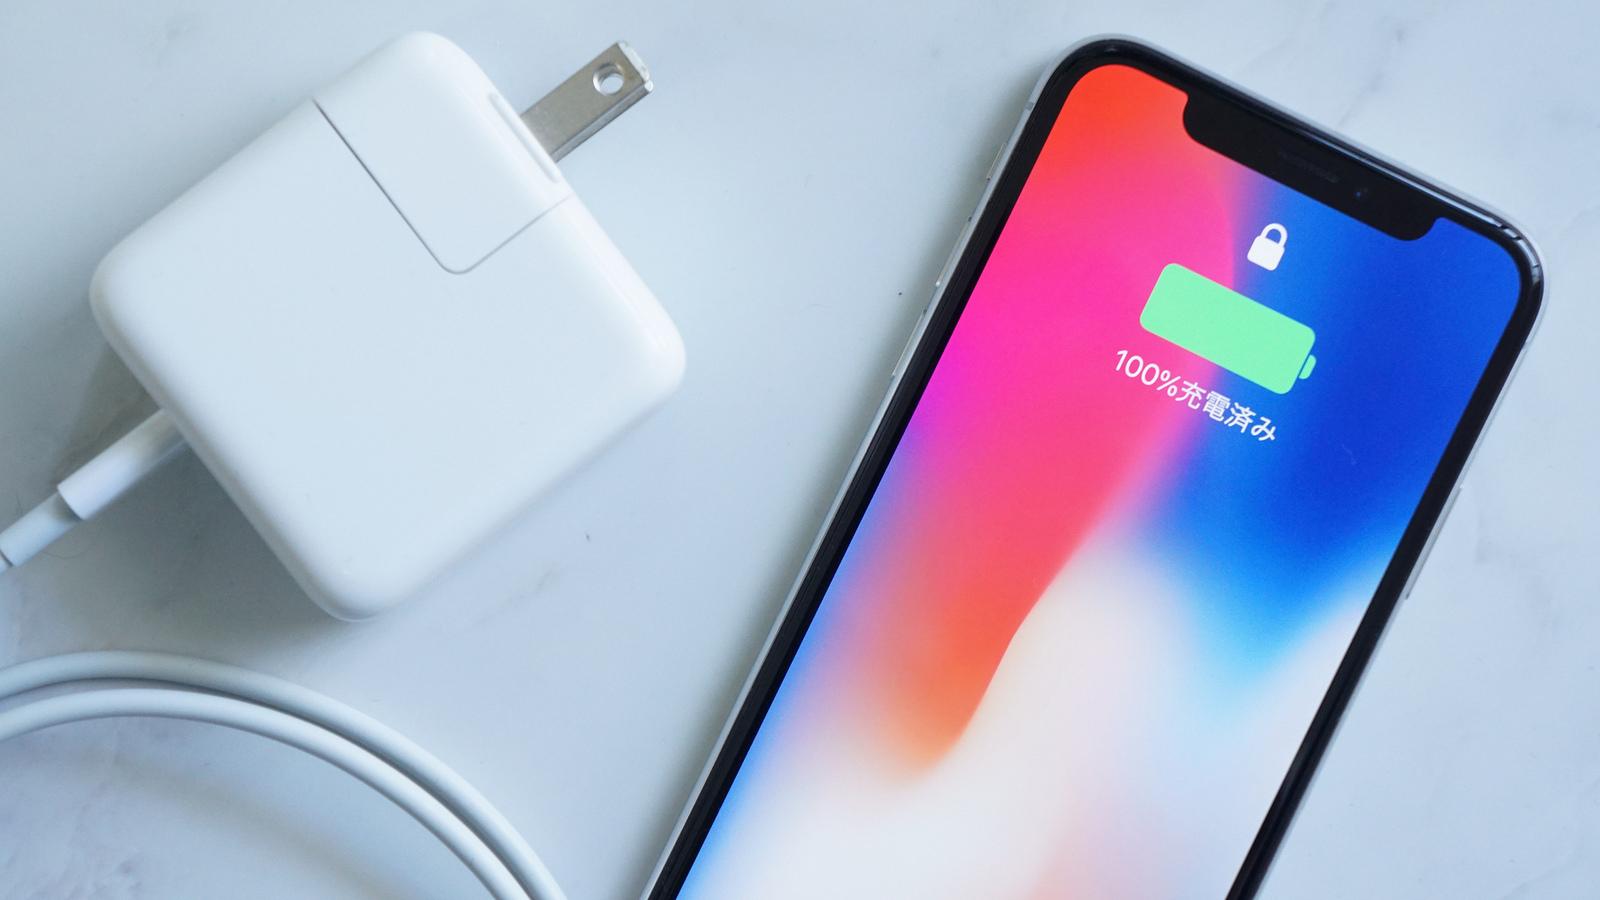 Apple iPhone отказывается заряжаться, если на нём установлена iOS 12 - фото 100 | Сервисный центр Total Apple